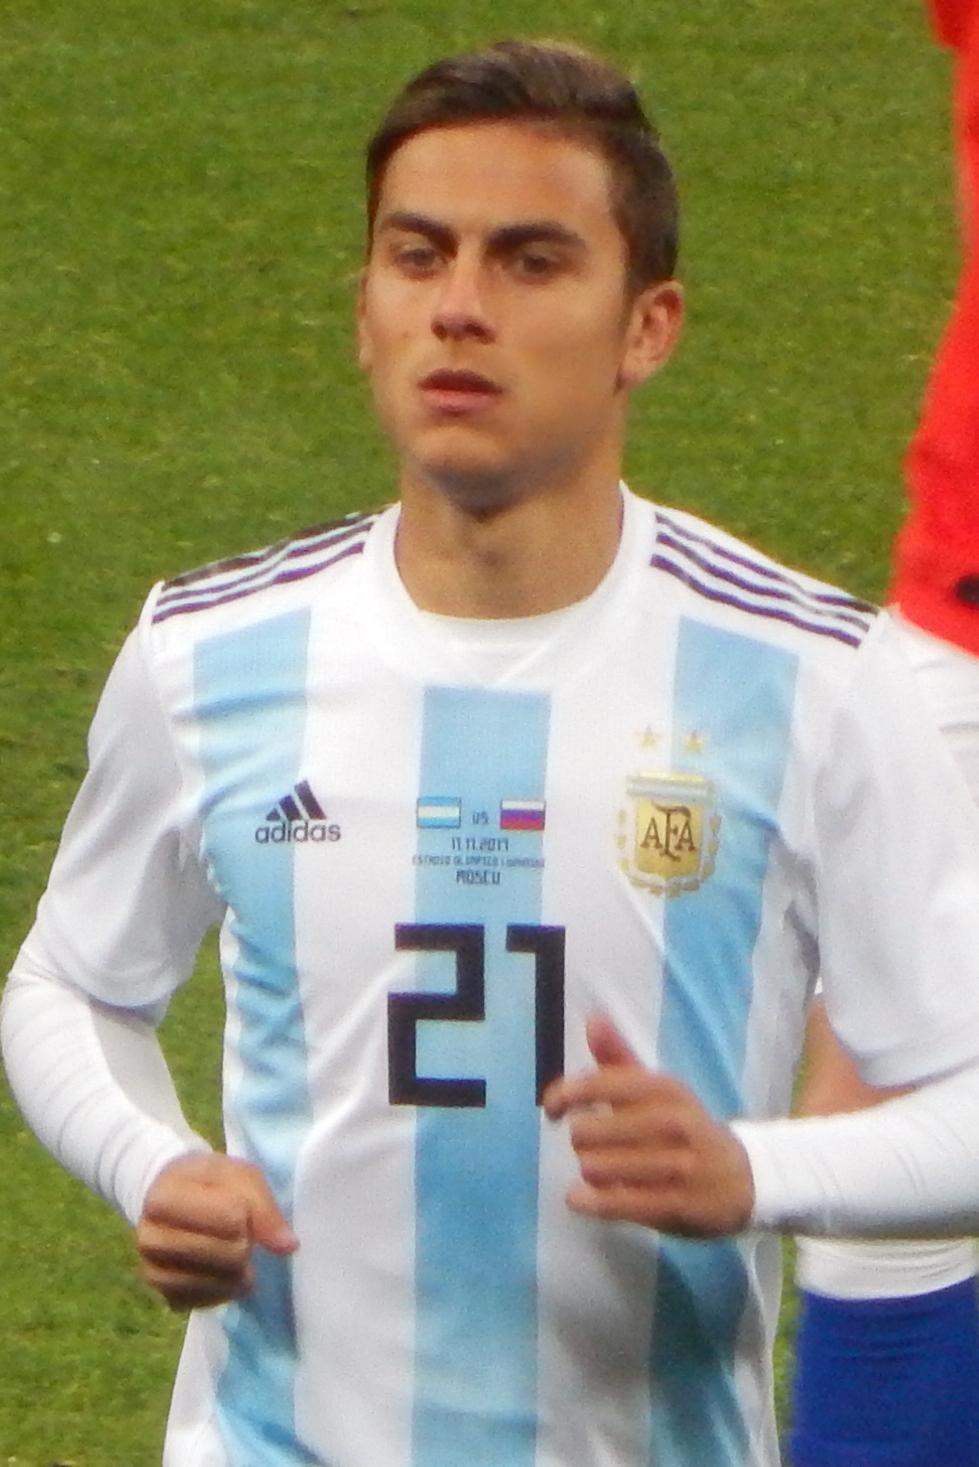 Paulo Dybala Wikipedia